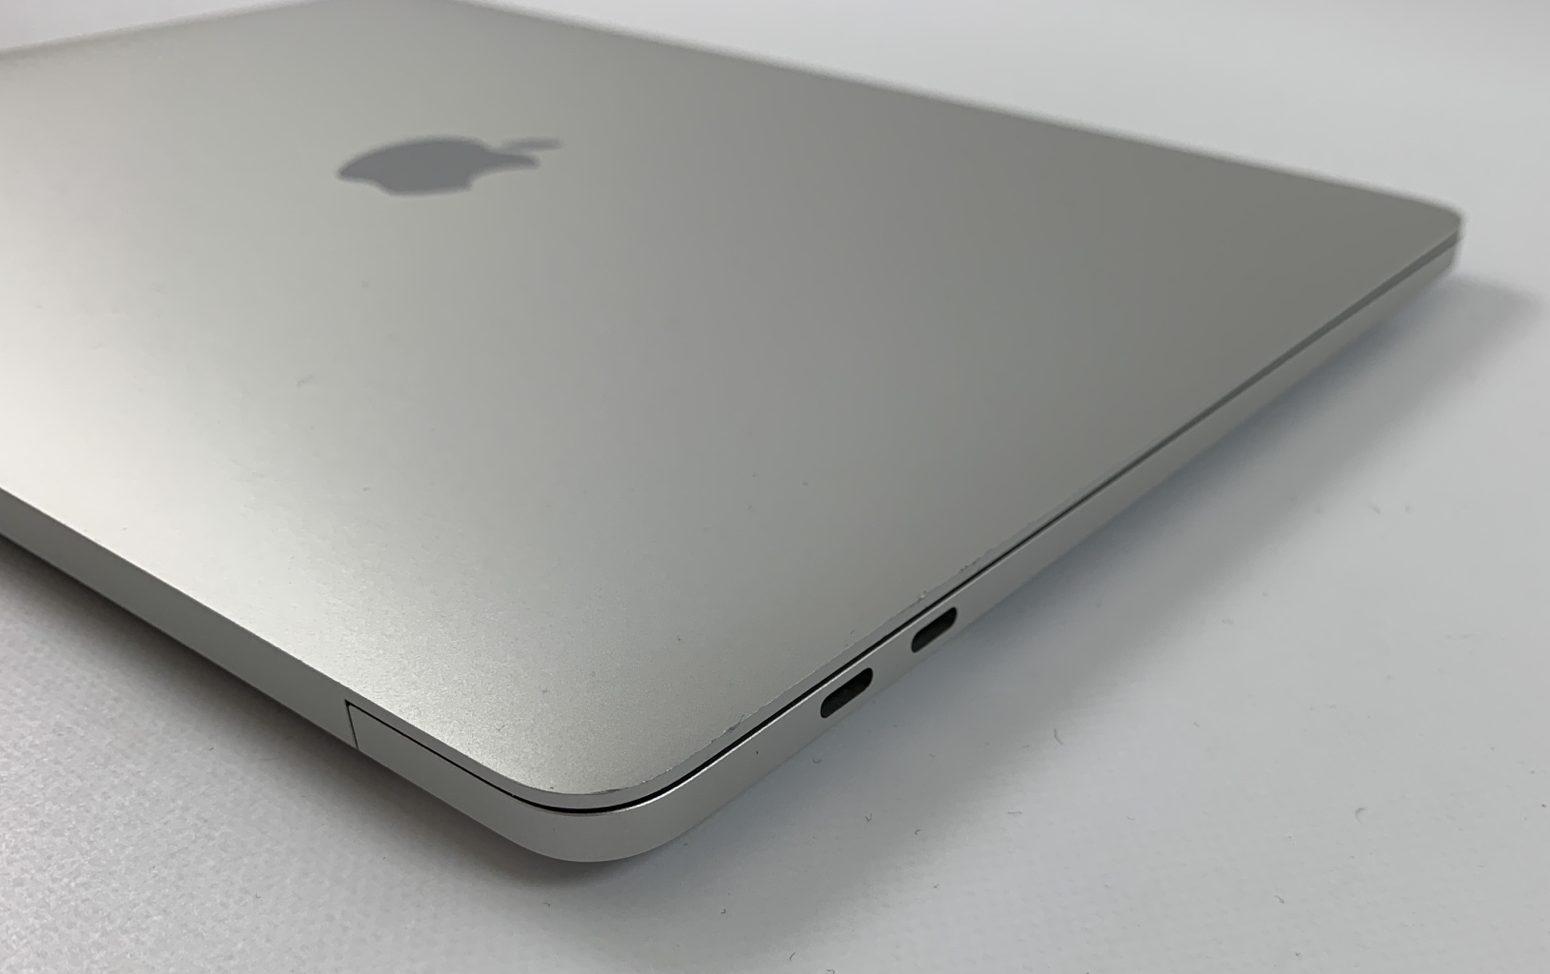 """MacBook Pro 13"""" 4TBT Mid 2017 (Intel Core i5 3.1 GHz 8 GB RAM 512 GB SSD), Silver, Intel Core i5 3.1 GHz, 8 GB RAM, 512 GB SSD, Afbeelding 4"""